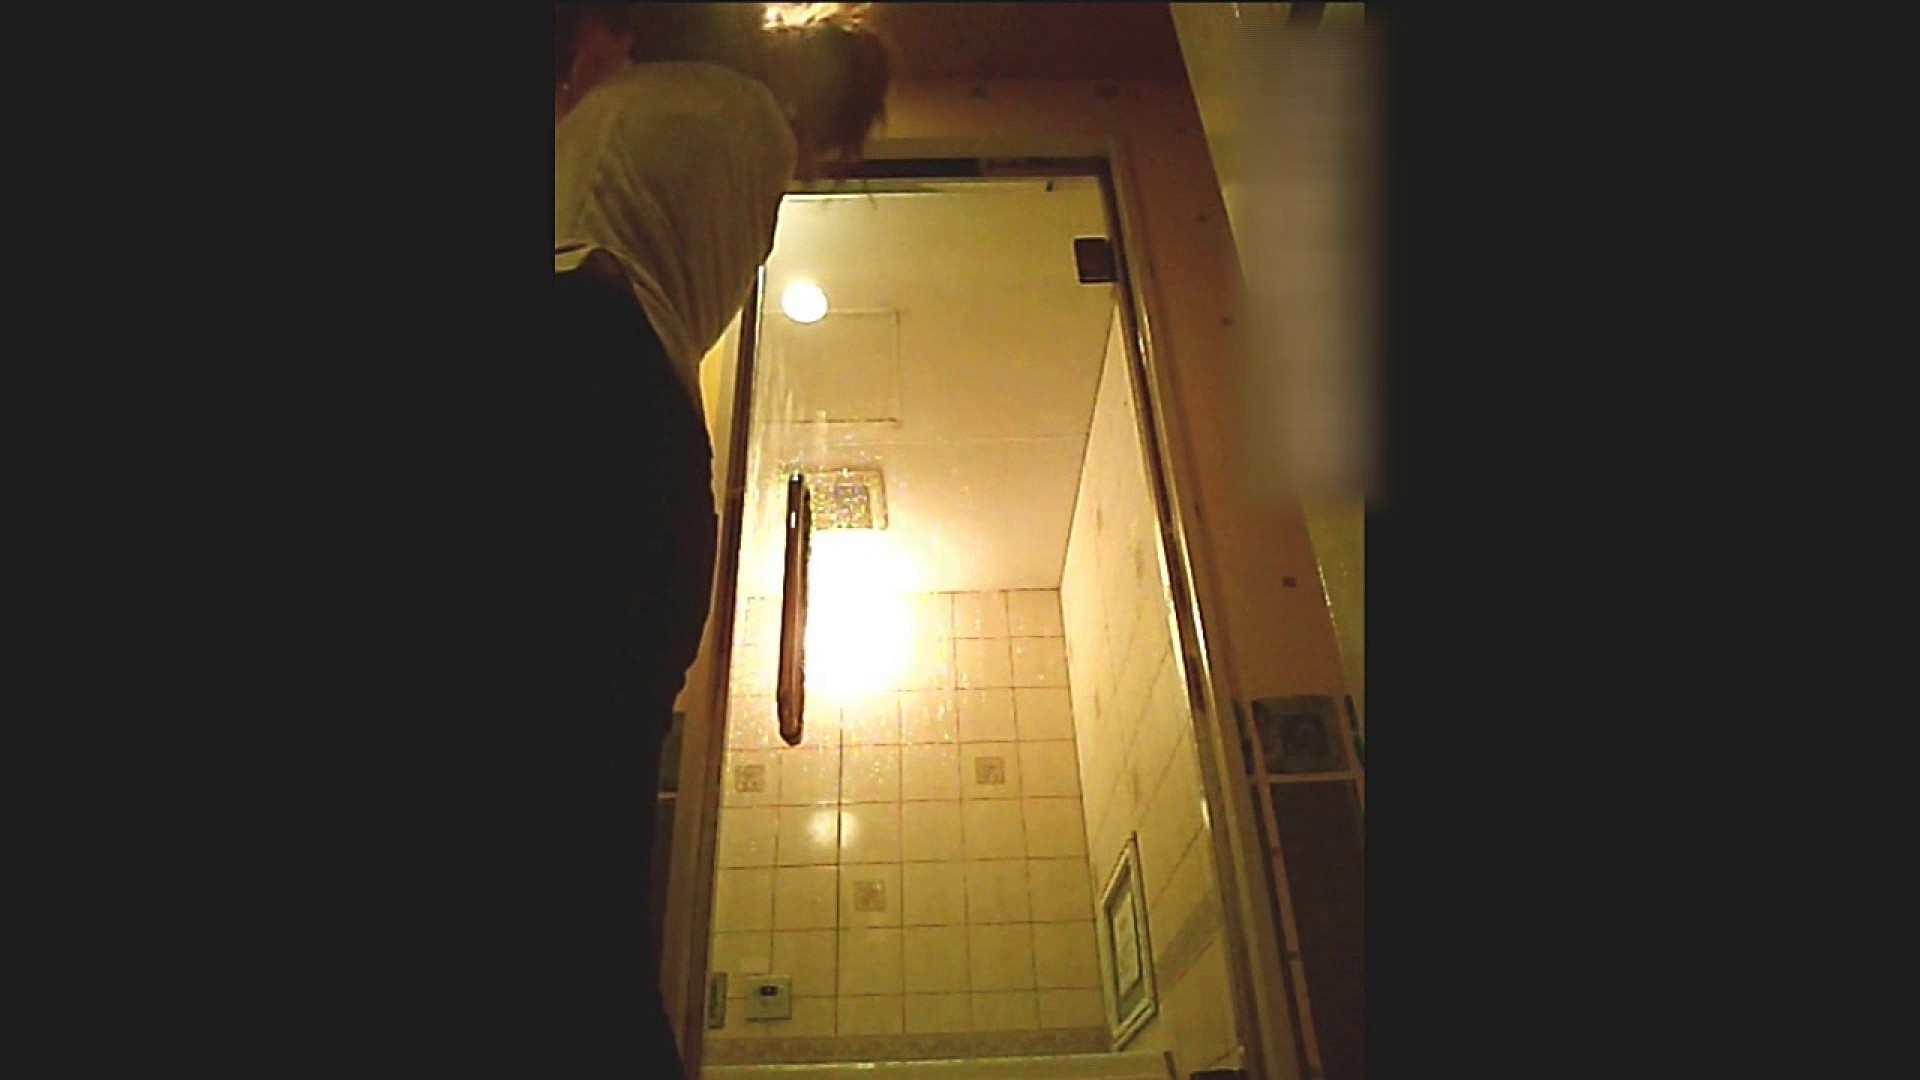 サークル女子の後輩 かなみちゃん Vol.04 ホテルの中 | シャワー室  109枚 36